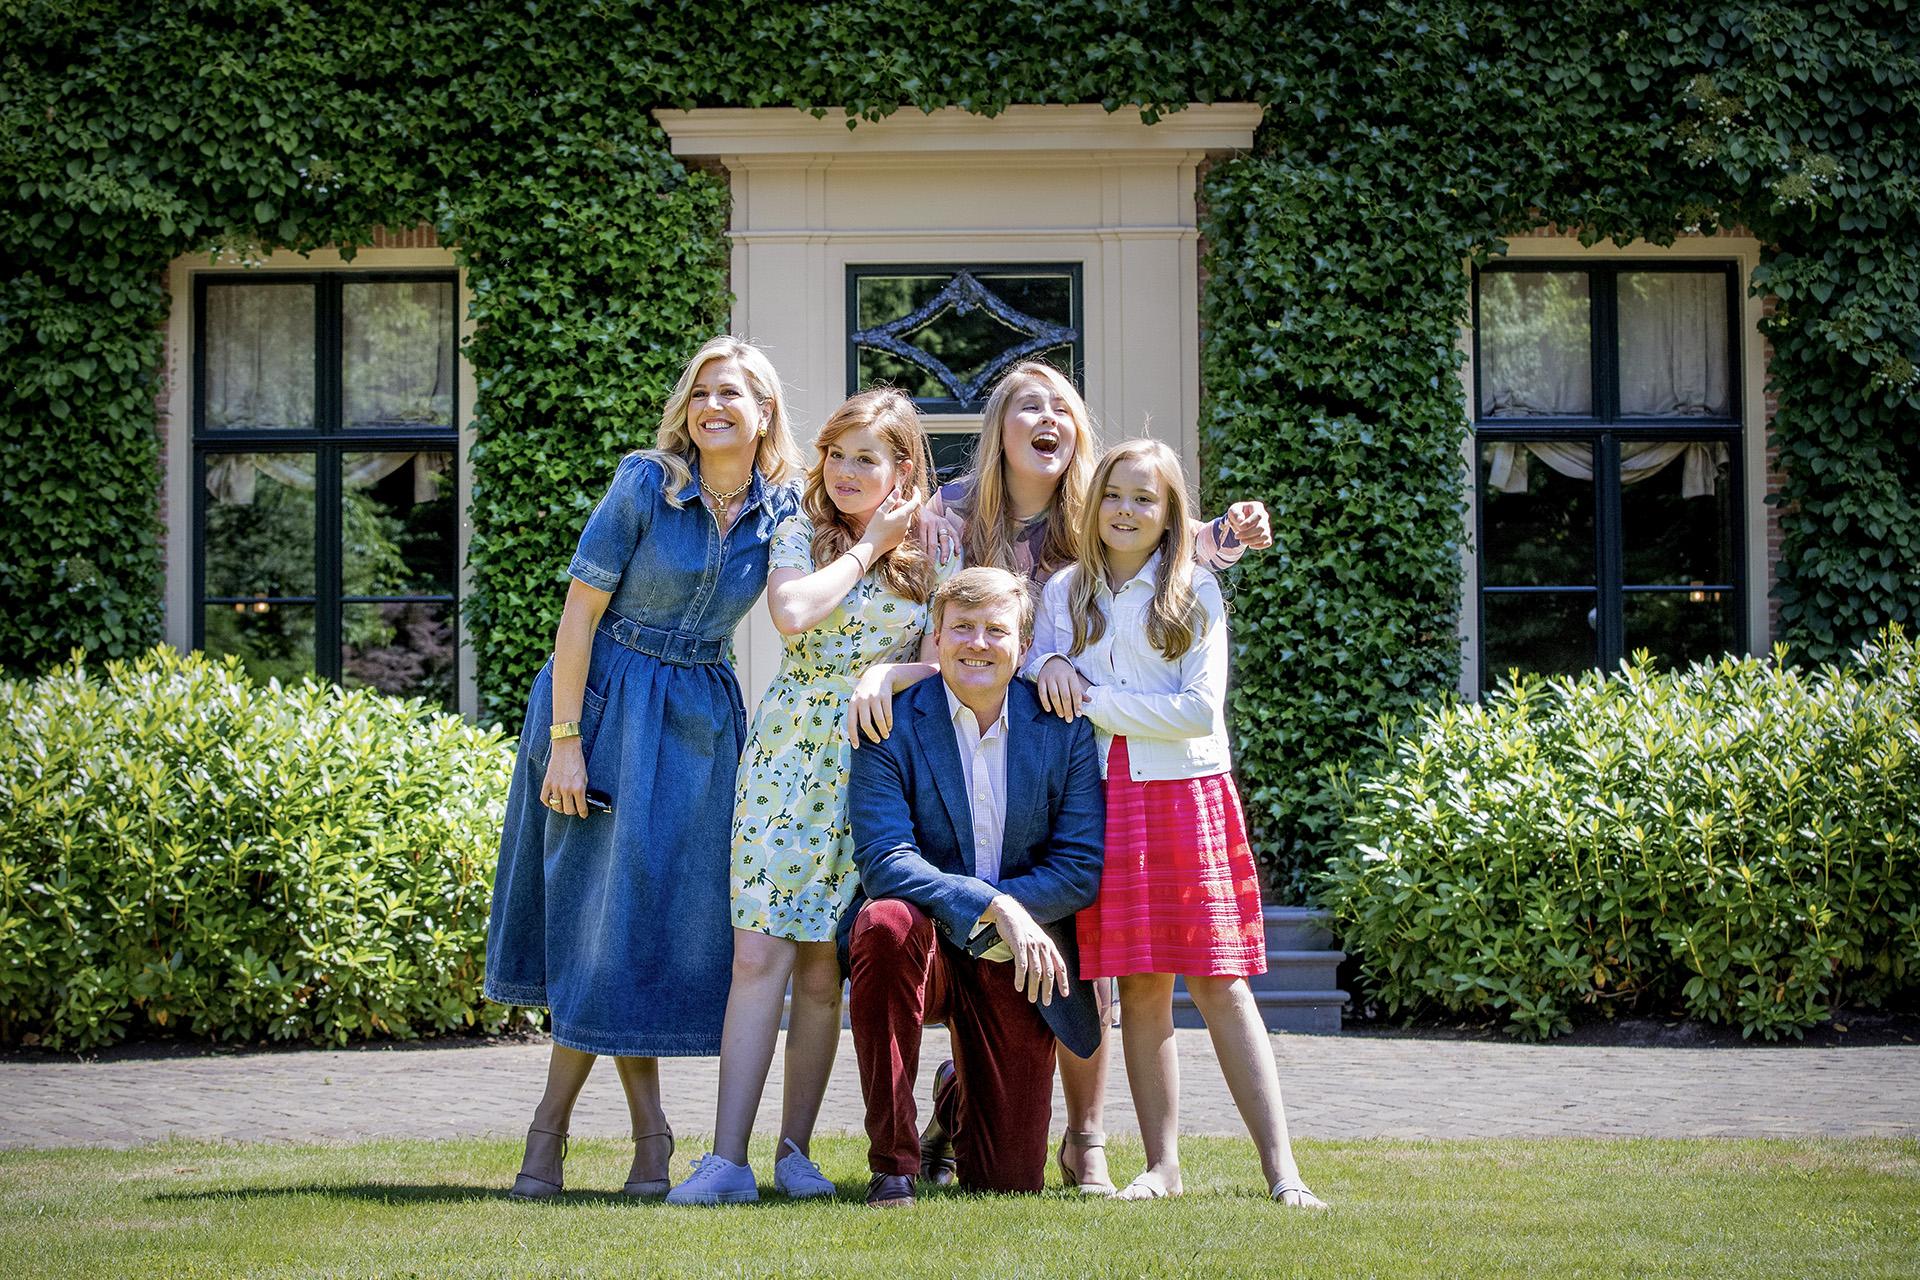 Guillermo y Máxima de Holanda junto a sus tres hijas Amalia, de 14 años, Alexia, de 13 y Ariane, de 11